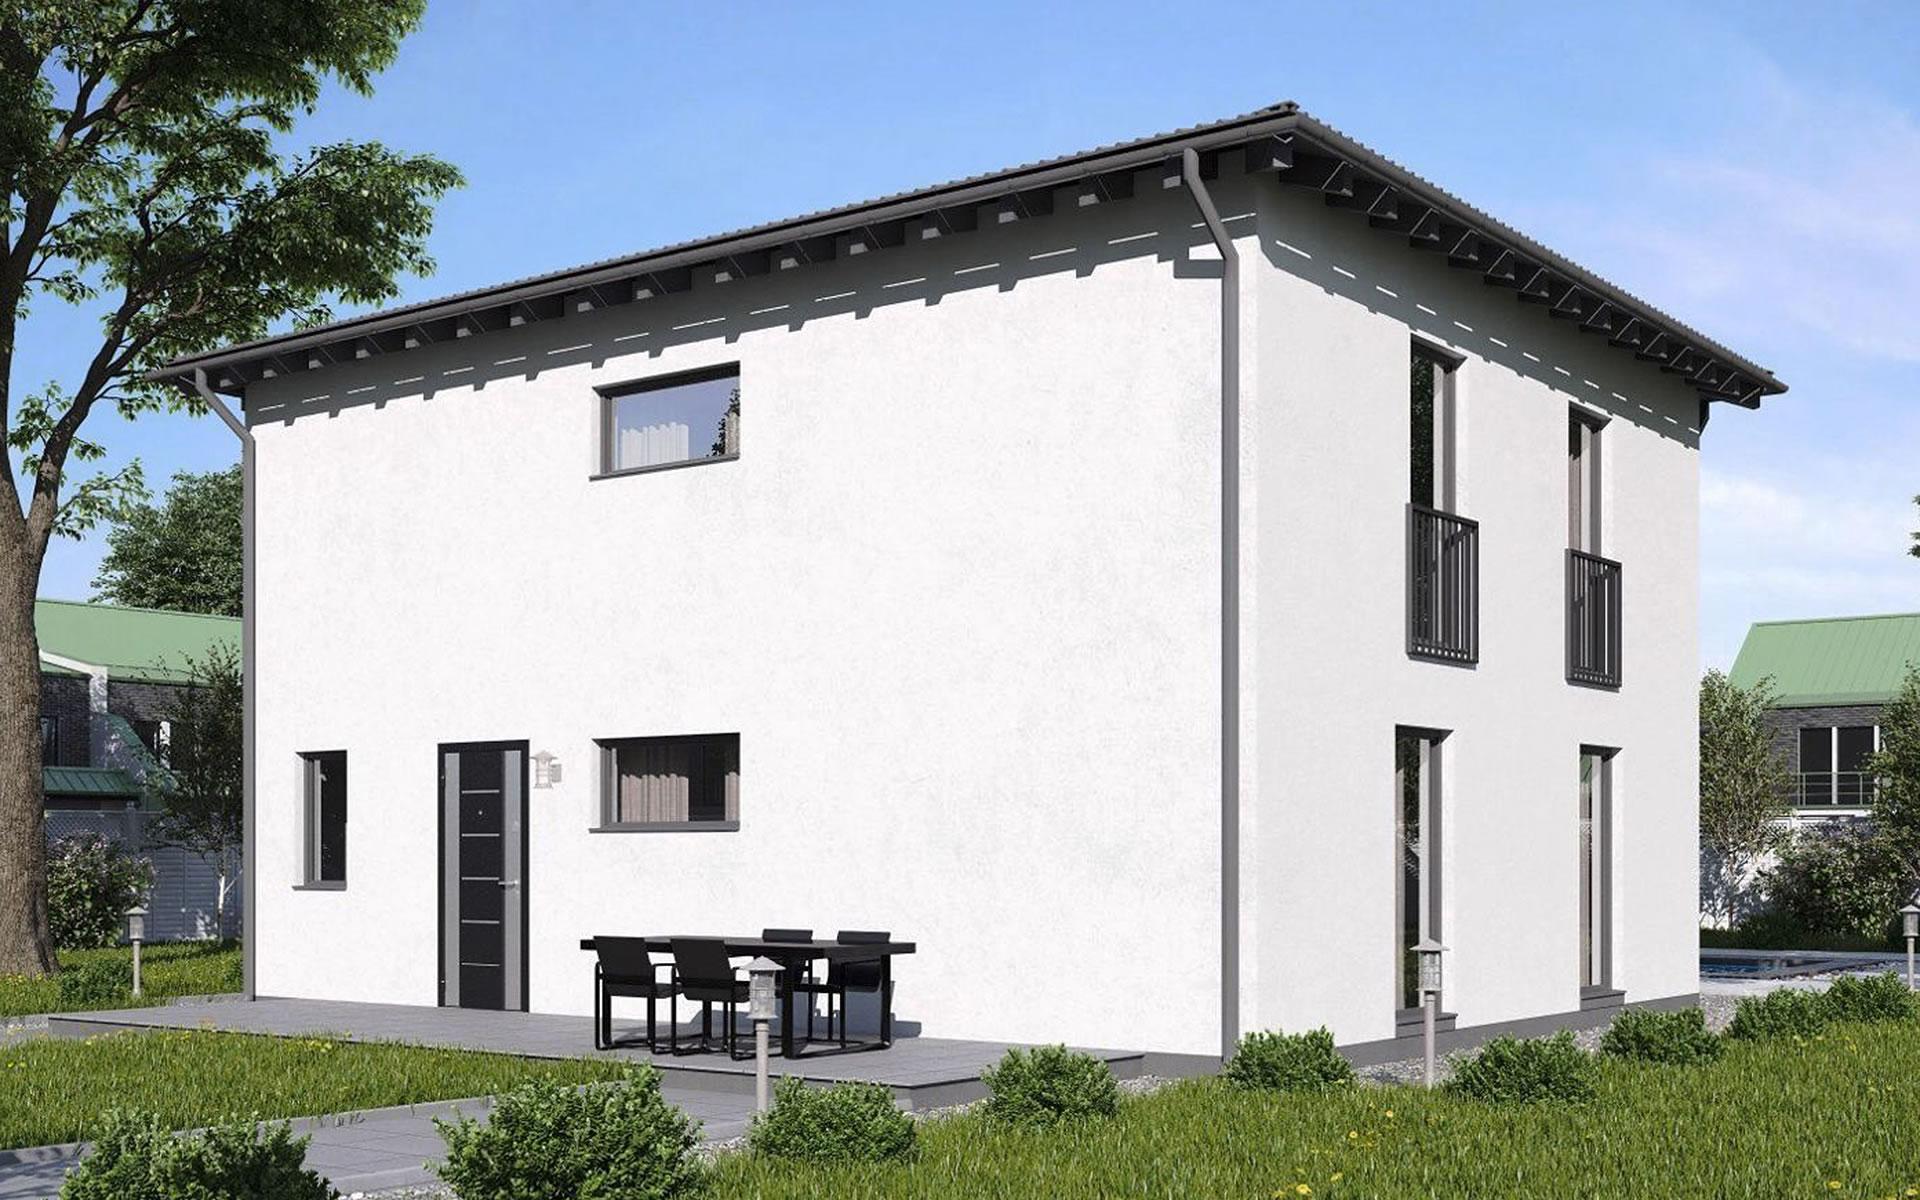 Einfamilienhaus BS 138 von B&S Selbstbausysteme GmbH & Co. KG